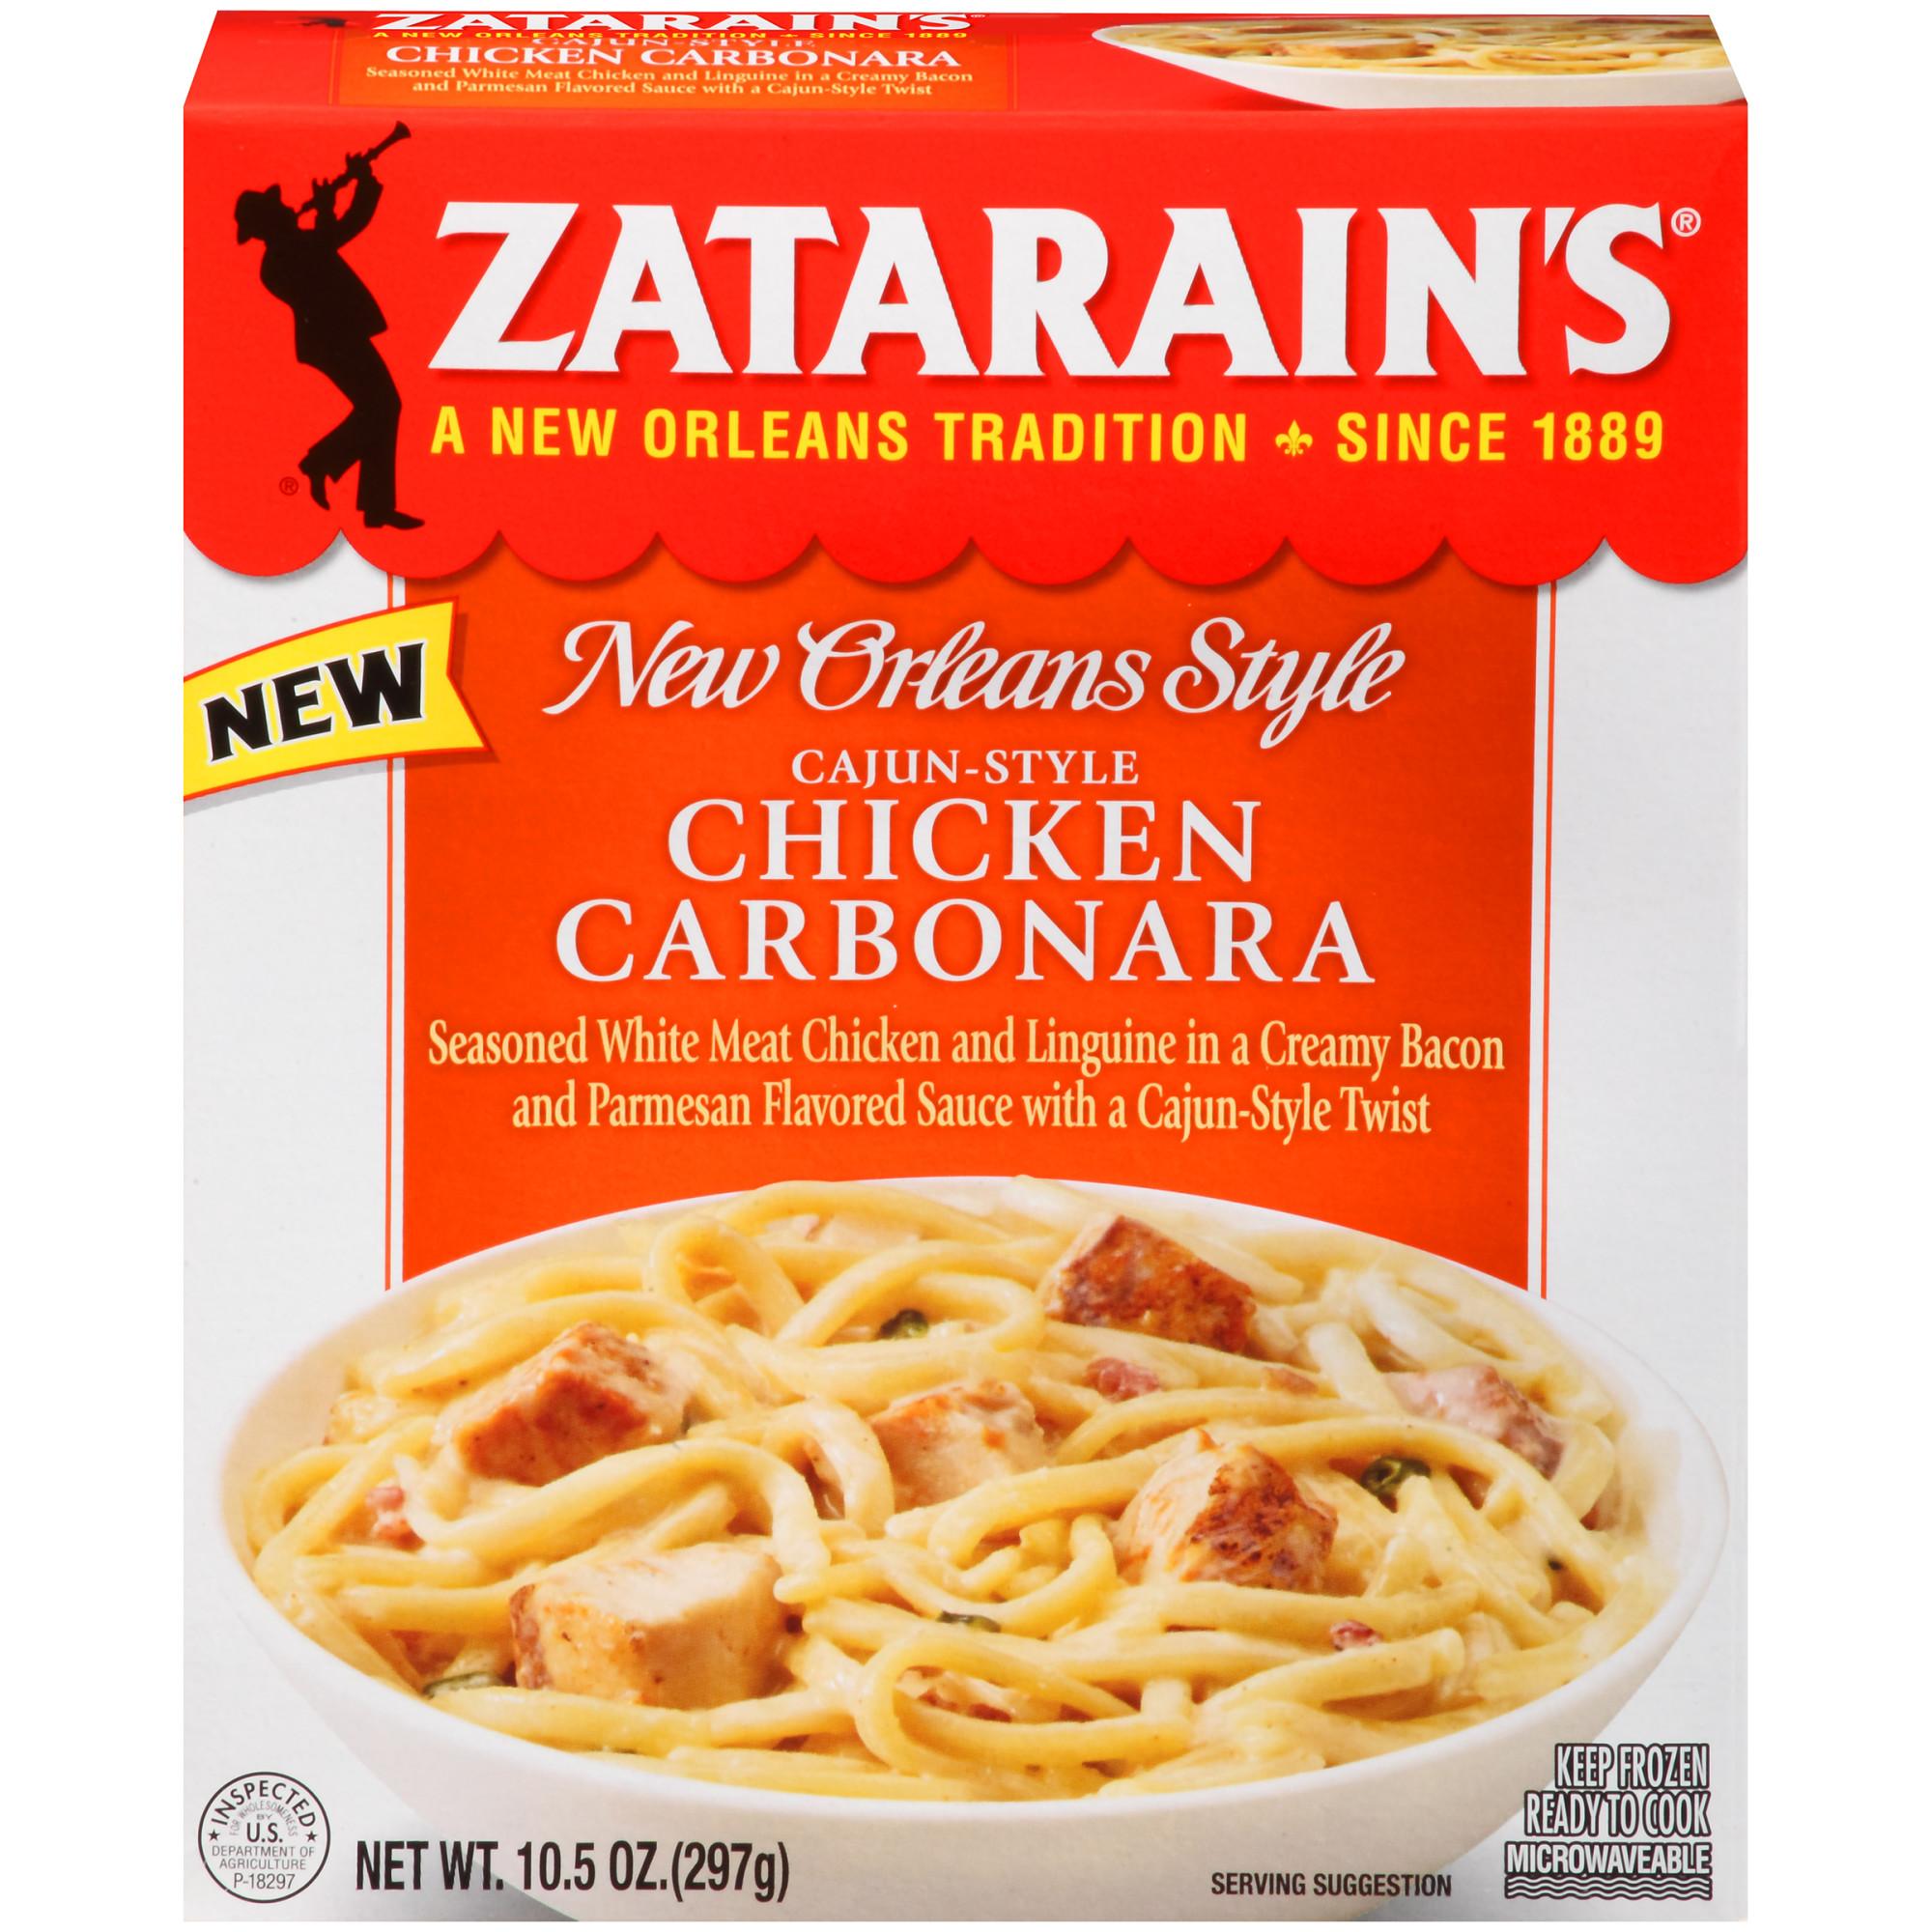 Zatarain's Frozen Cajun-Style Chicken Carbonara, 10.5 oz